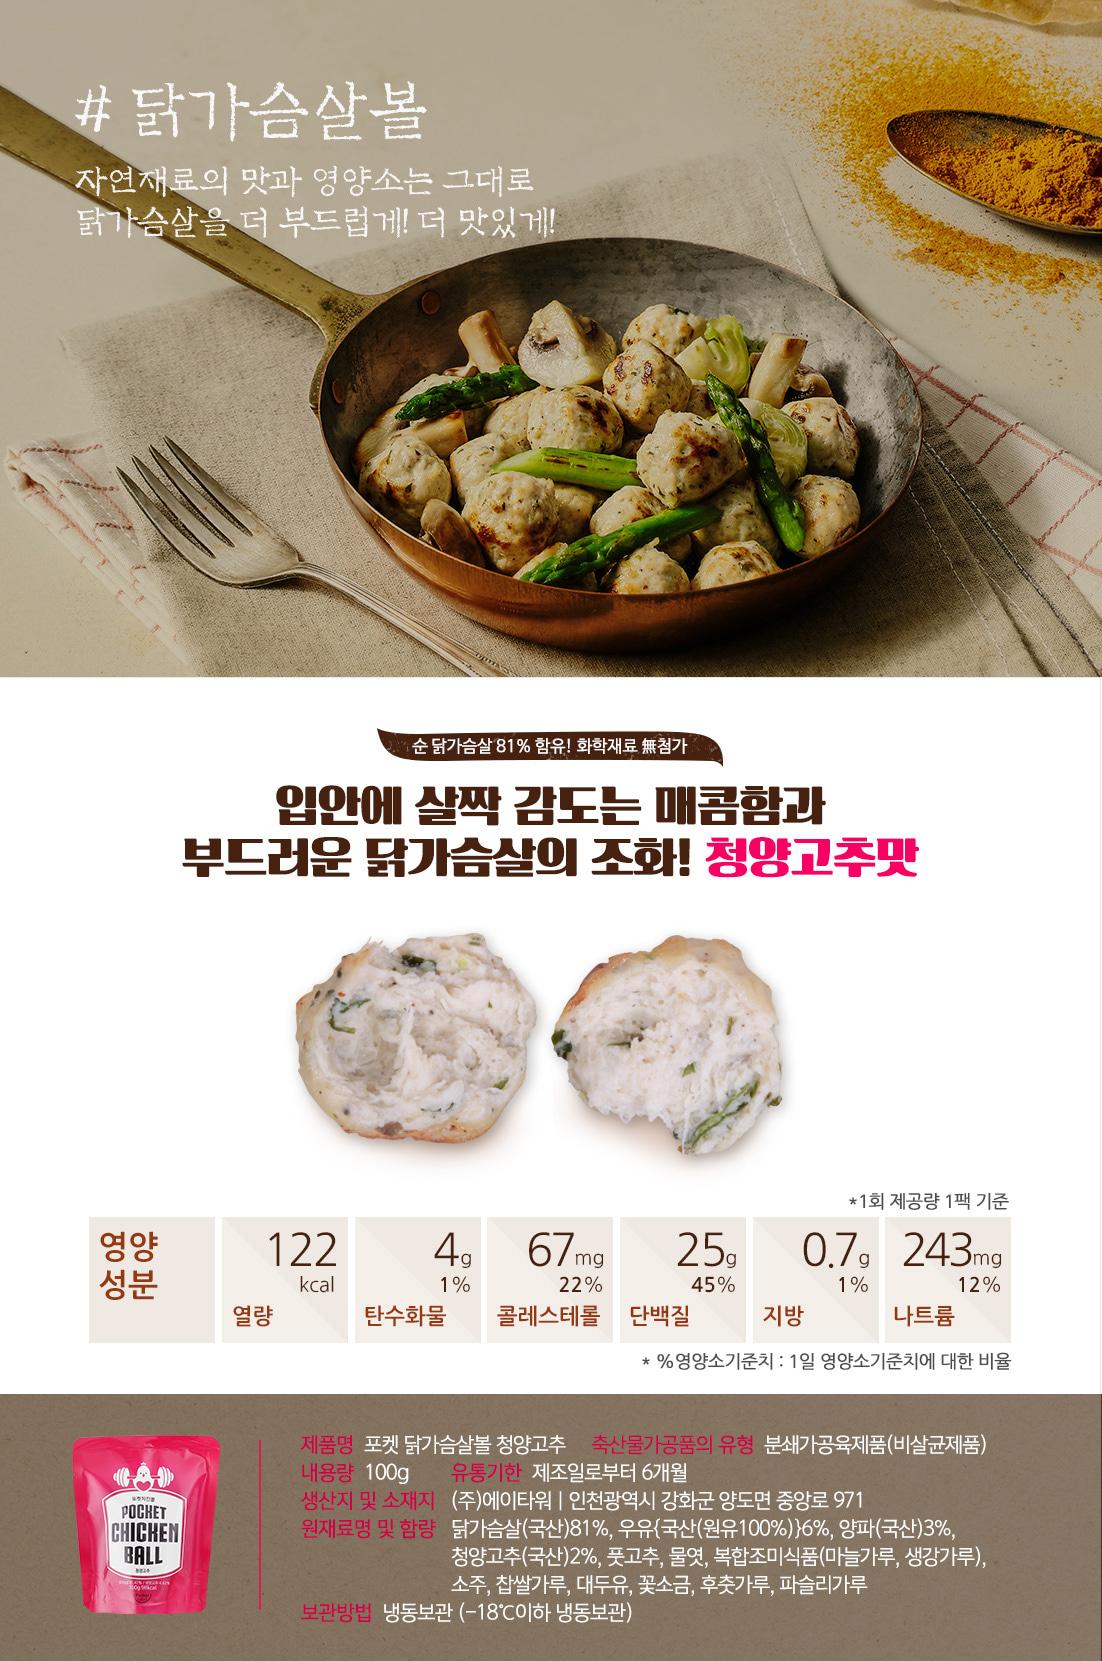 닭가슴살볼_청양고추맛_영양성분